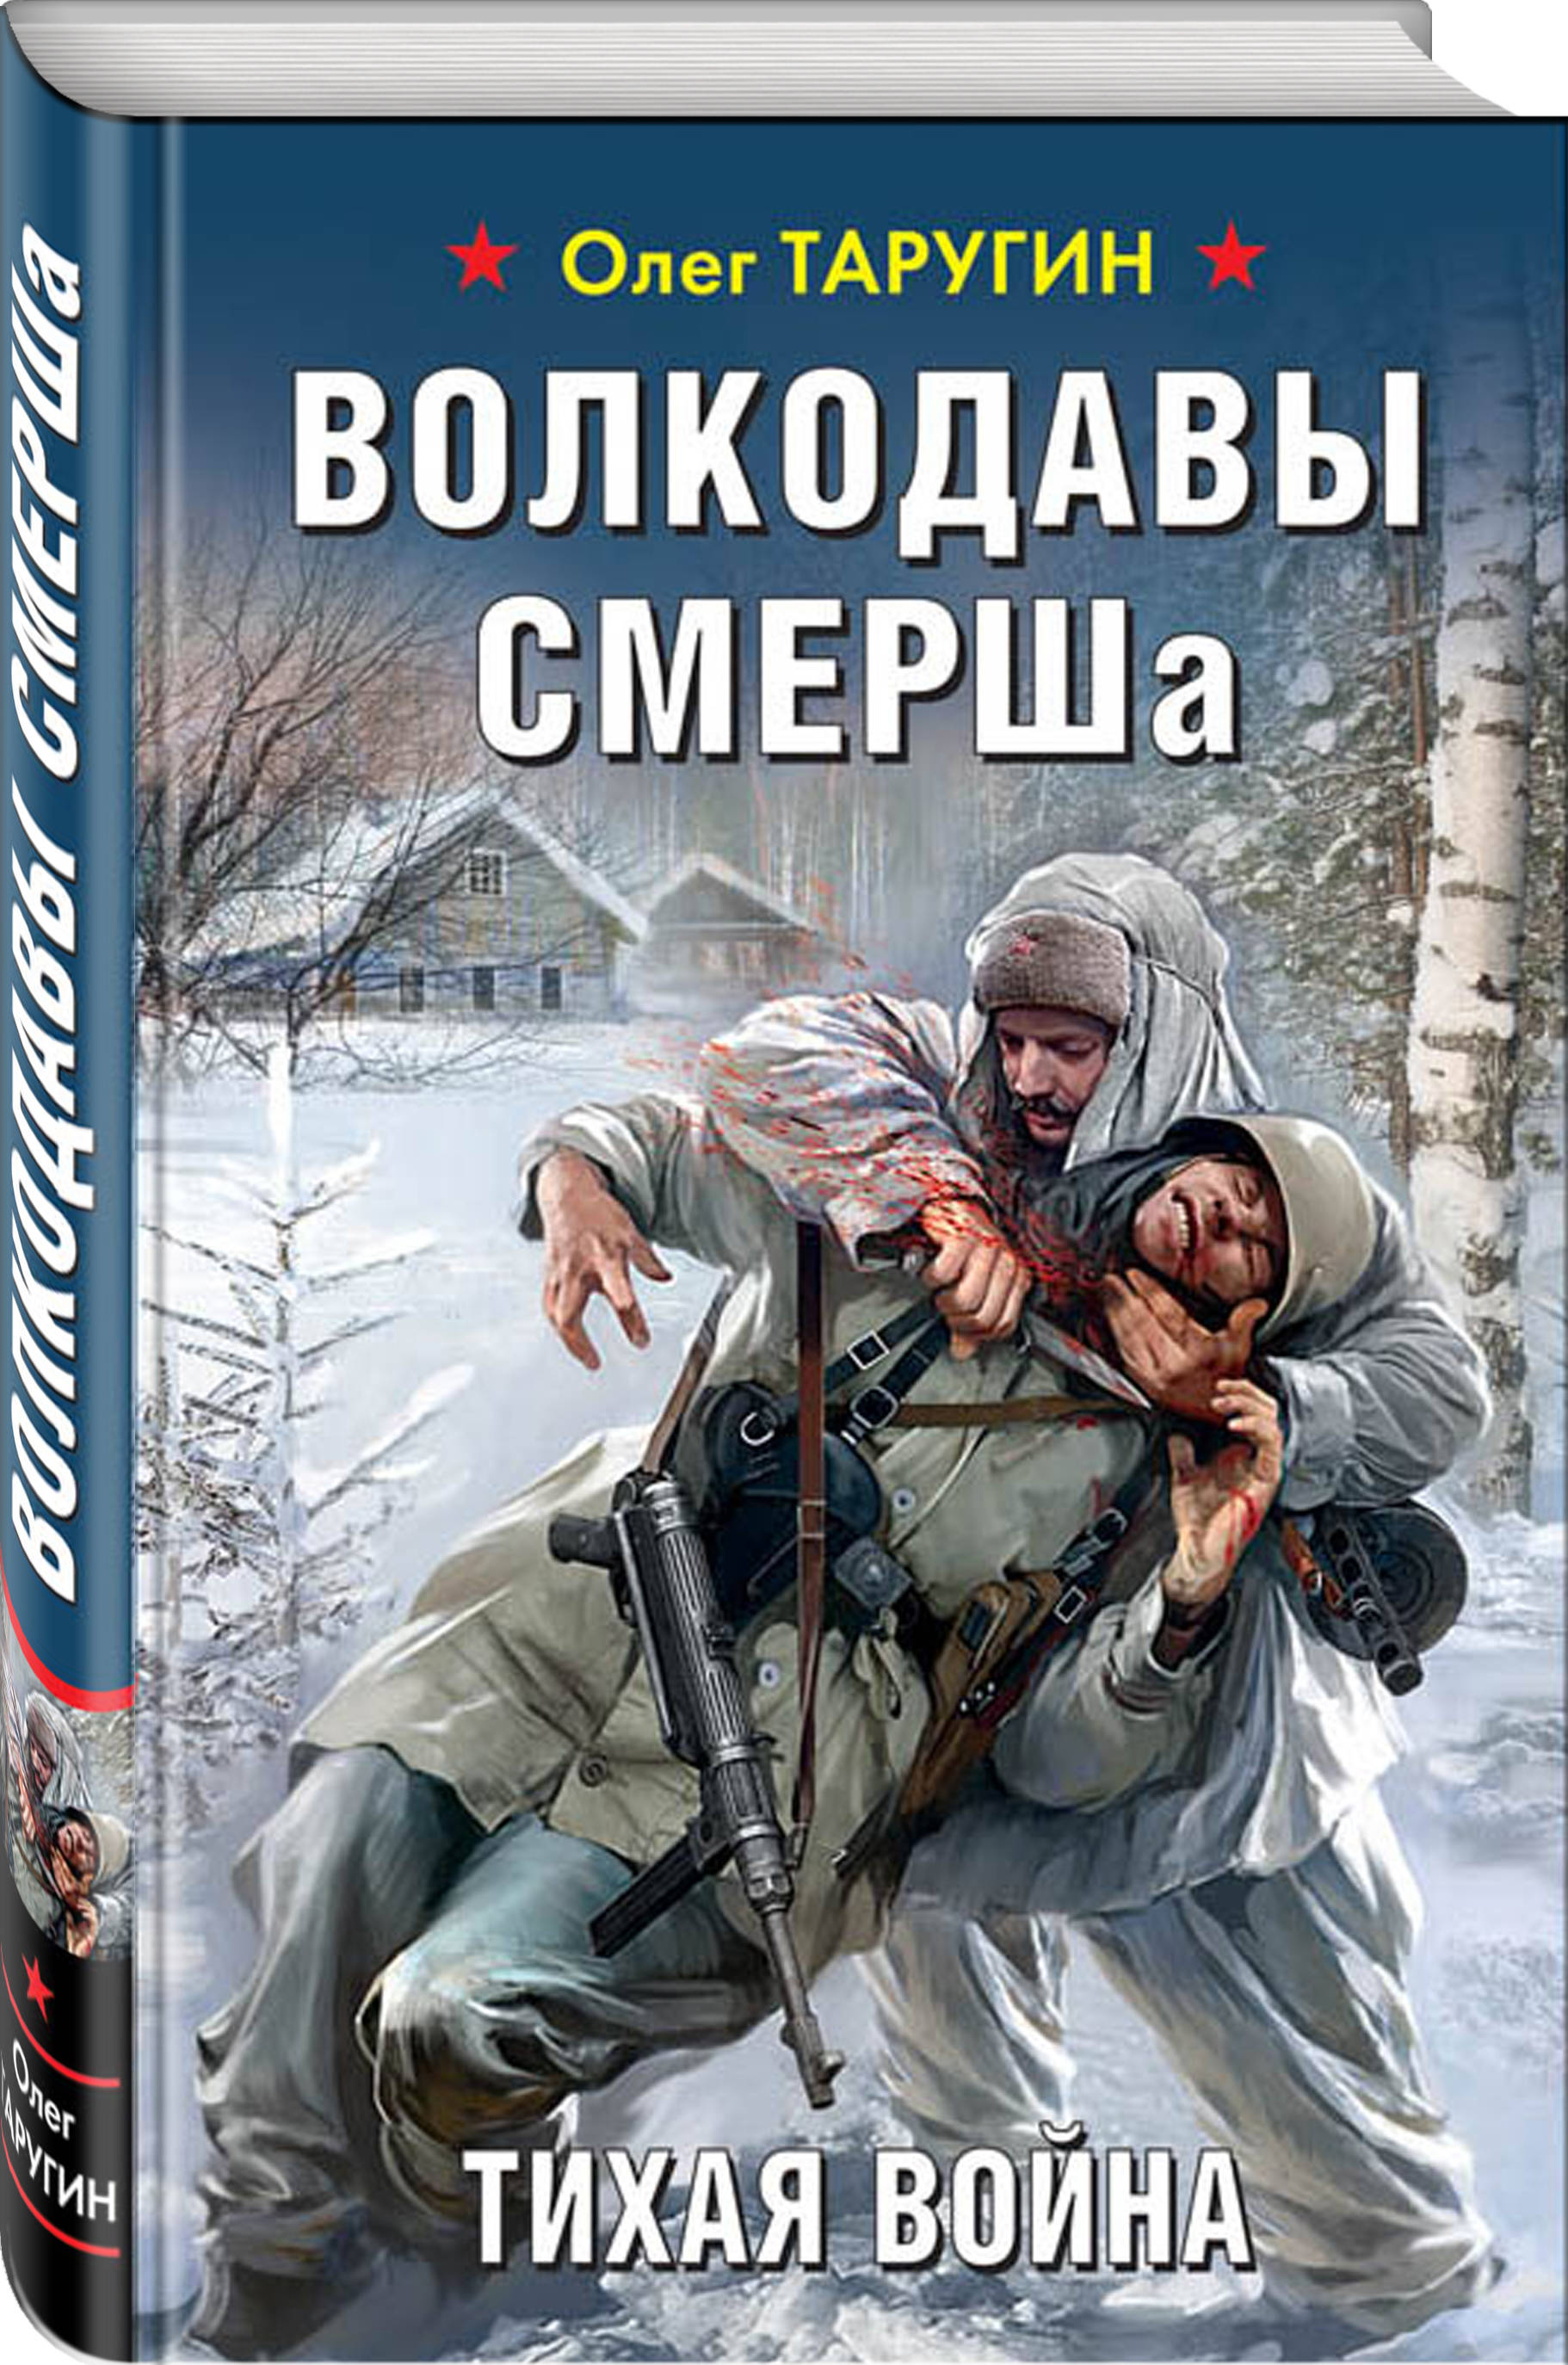 Волкодавы СМЕРШа. Тихая война ( Таругин О.В.  )